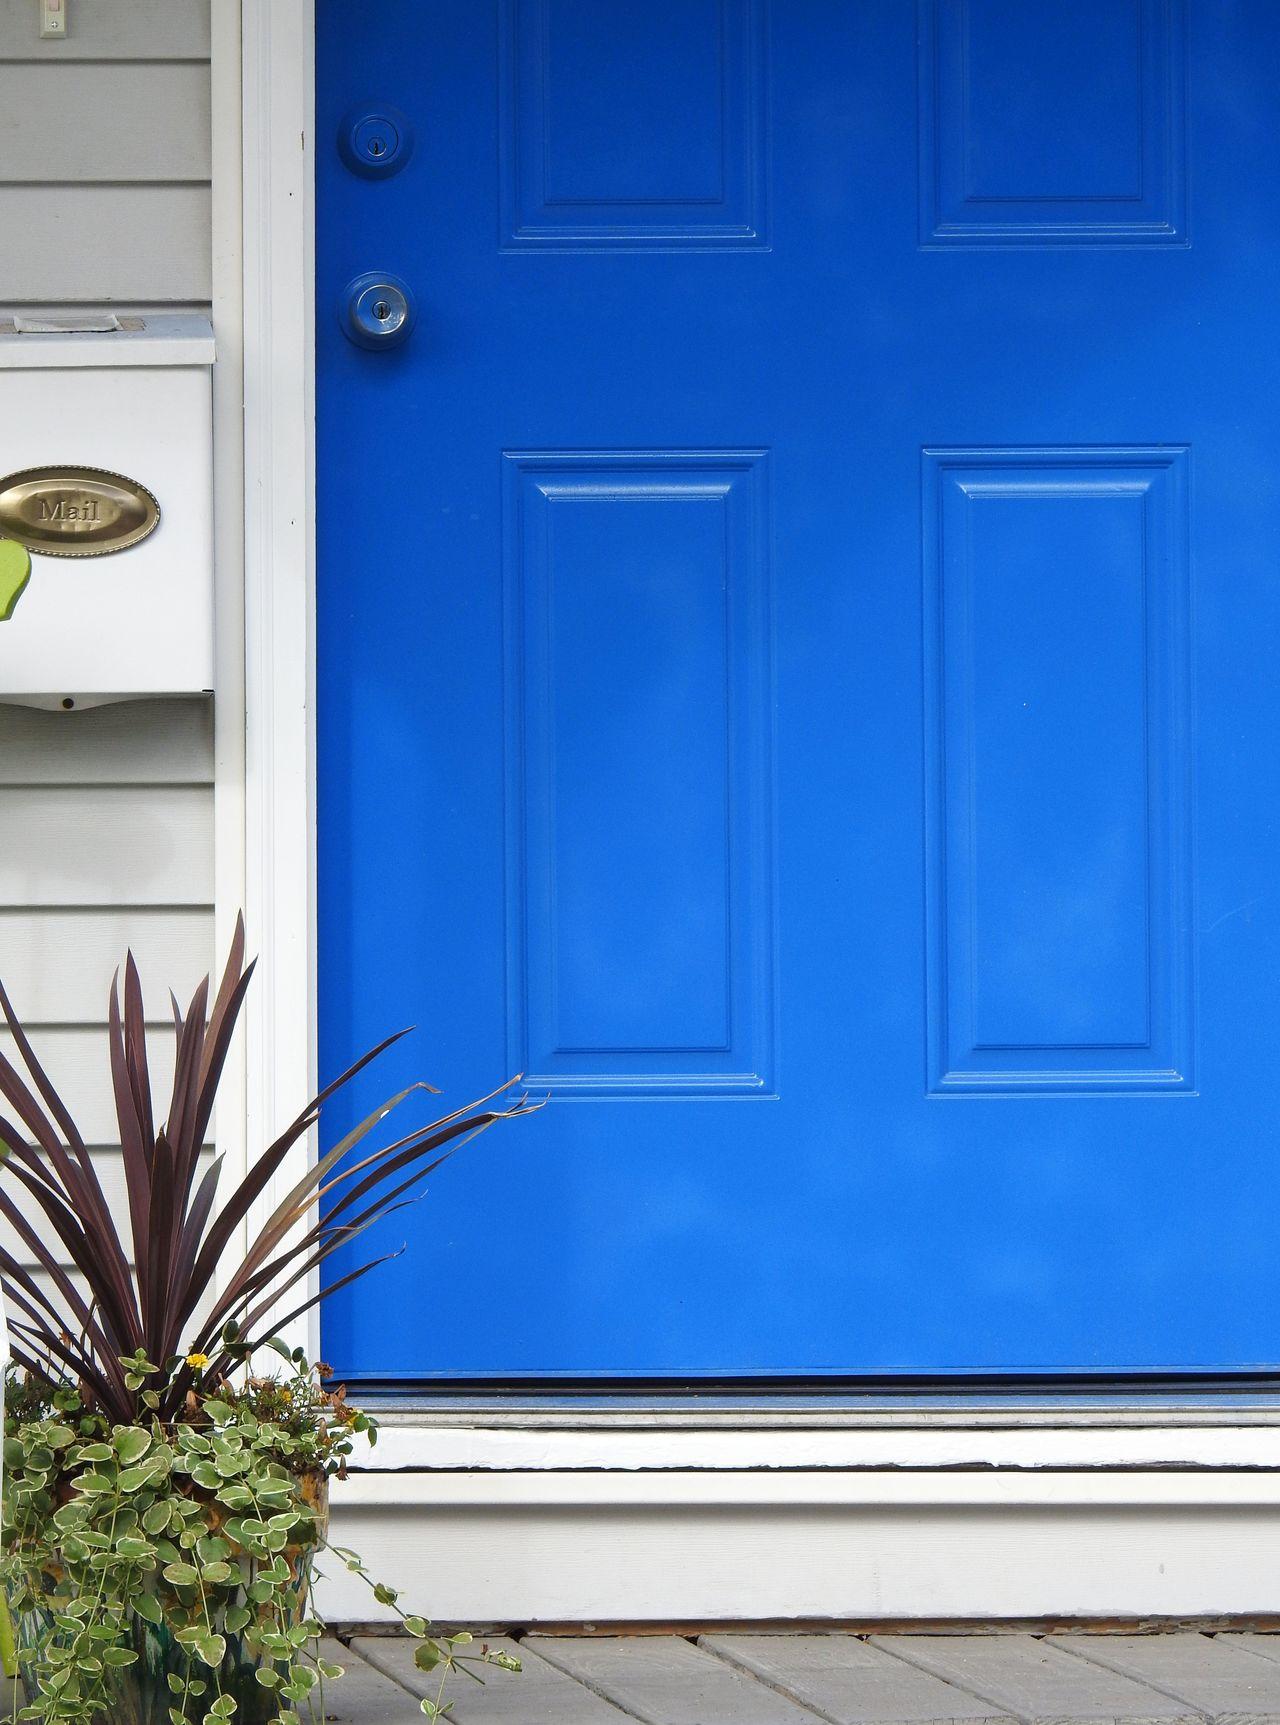 Architecture Blue Blue Door Built Structure Cerulean Cerulean Blue Close-up Closed Day Door Door Knob Doorporn Entrance Front Door House Door Mailbox My Front Door No People Outdoors Plant Porch Potted Plant Welcome Welcome Home Welcome To My Home